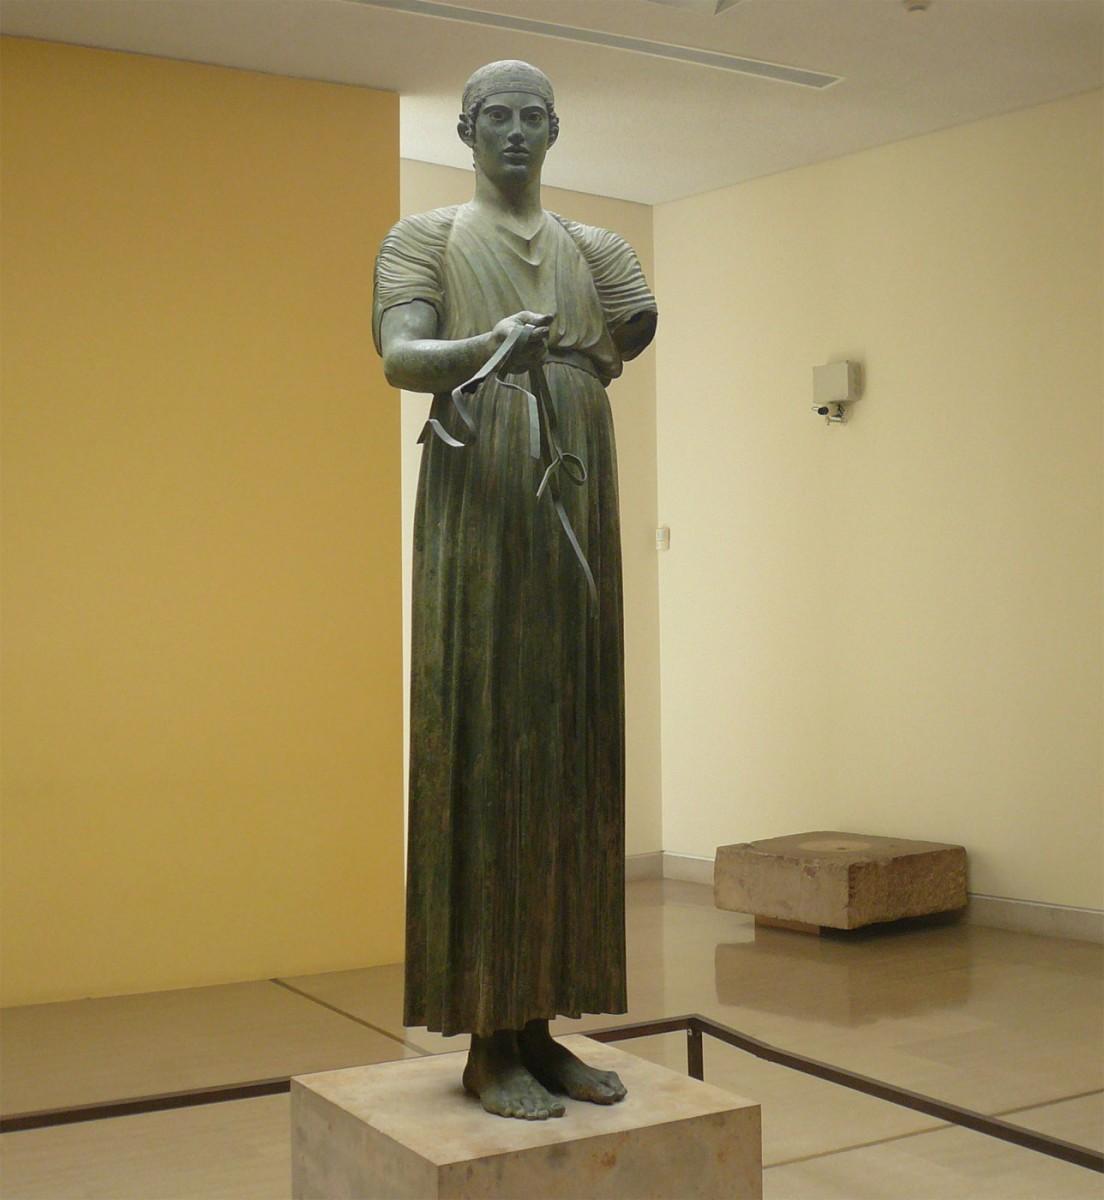 Ο Ηνίοχος, περ. 475 π.Χ. Αρχαιολογικό Μουσείο Δελφών.